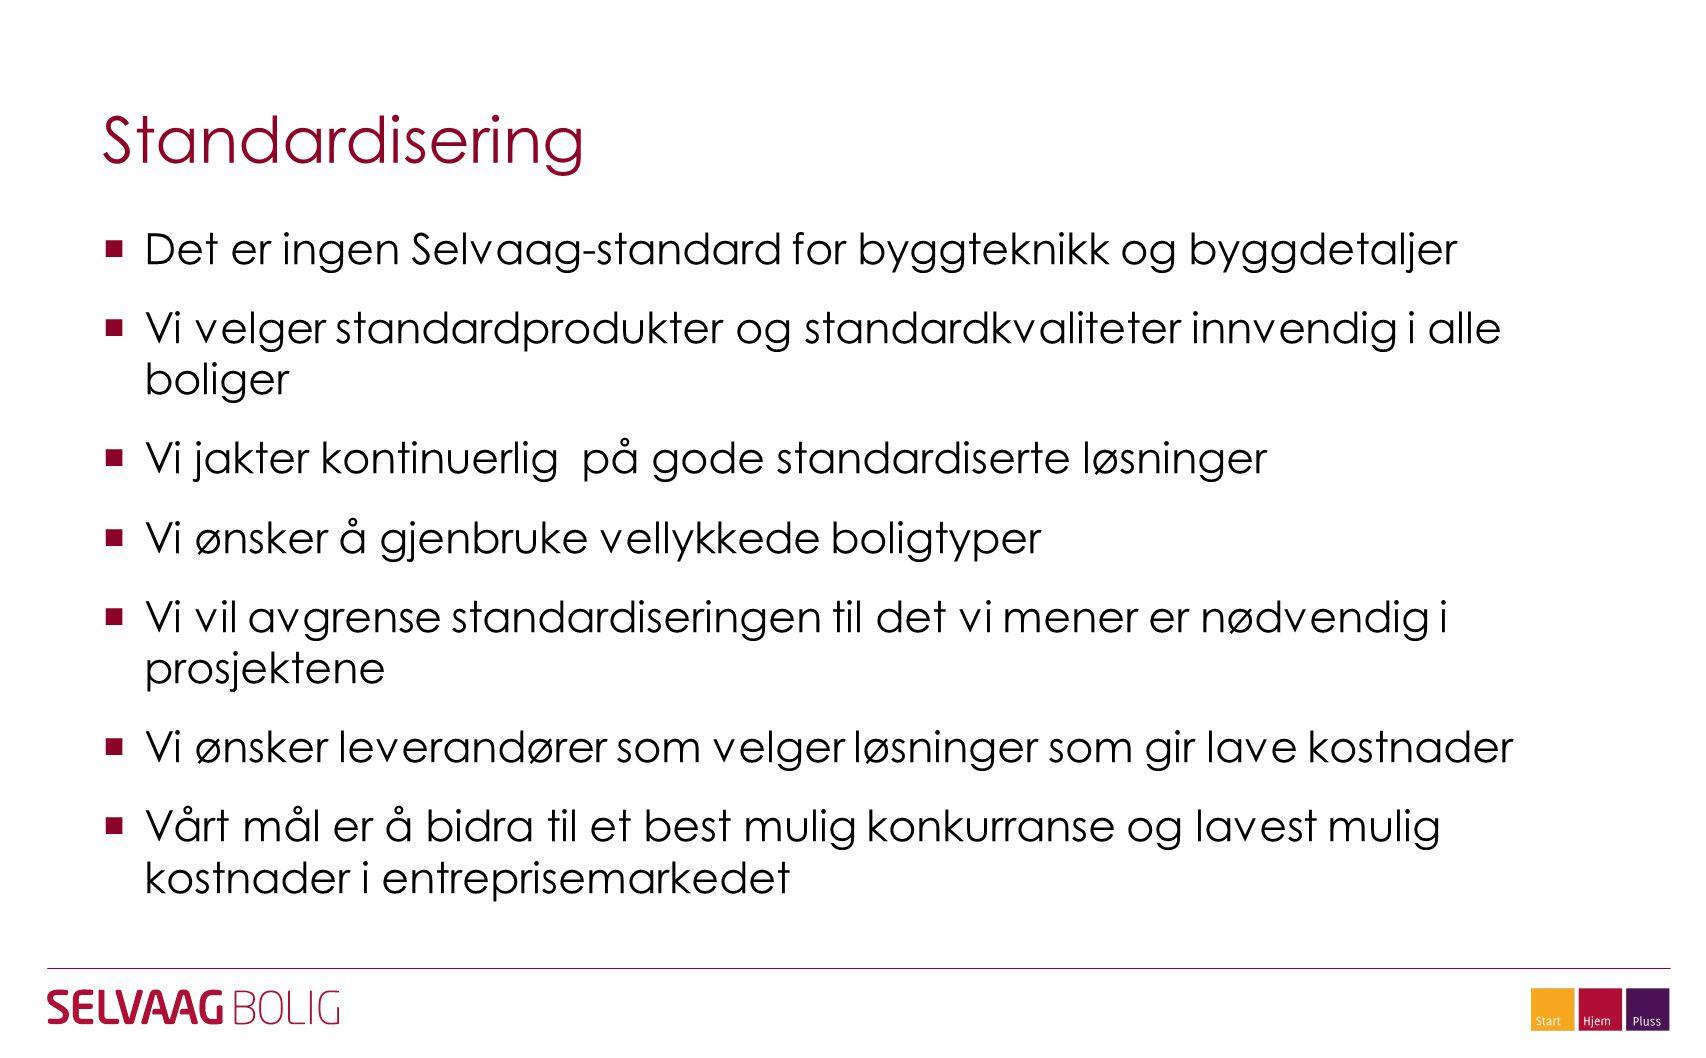 Standardisering  Det er ingen Selvaag-standard for byggteknikk og byggdetaljer  Vi velger standardprodukter og standardkvaliteter innvendig i alle boliger  Vi jakter kontinuerlig på gode standardiserte løsninger  Vi ønsker å gjenbruke vellykkede boligtyper  Vi vil avgrense standardiseringen til det vi mener er nødvendig i prosjektene  Vi ønsker leverandører som velger løsninger som gir lave kostnader  Vårt mål er å bidra til et best mulig konkurranse og lavest mulig kostnader i entreprisemarkedet